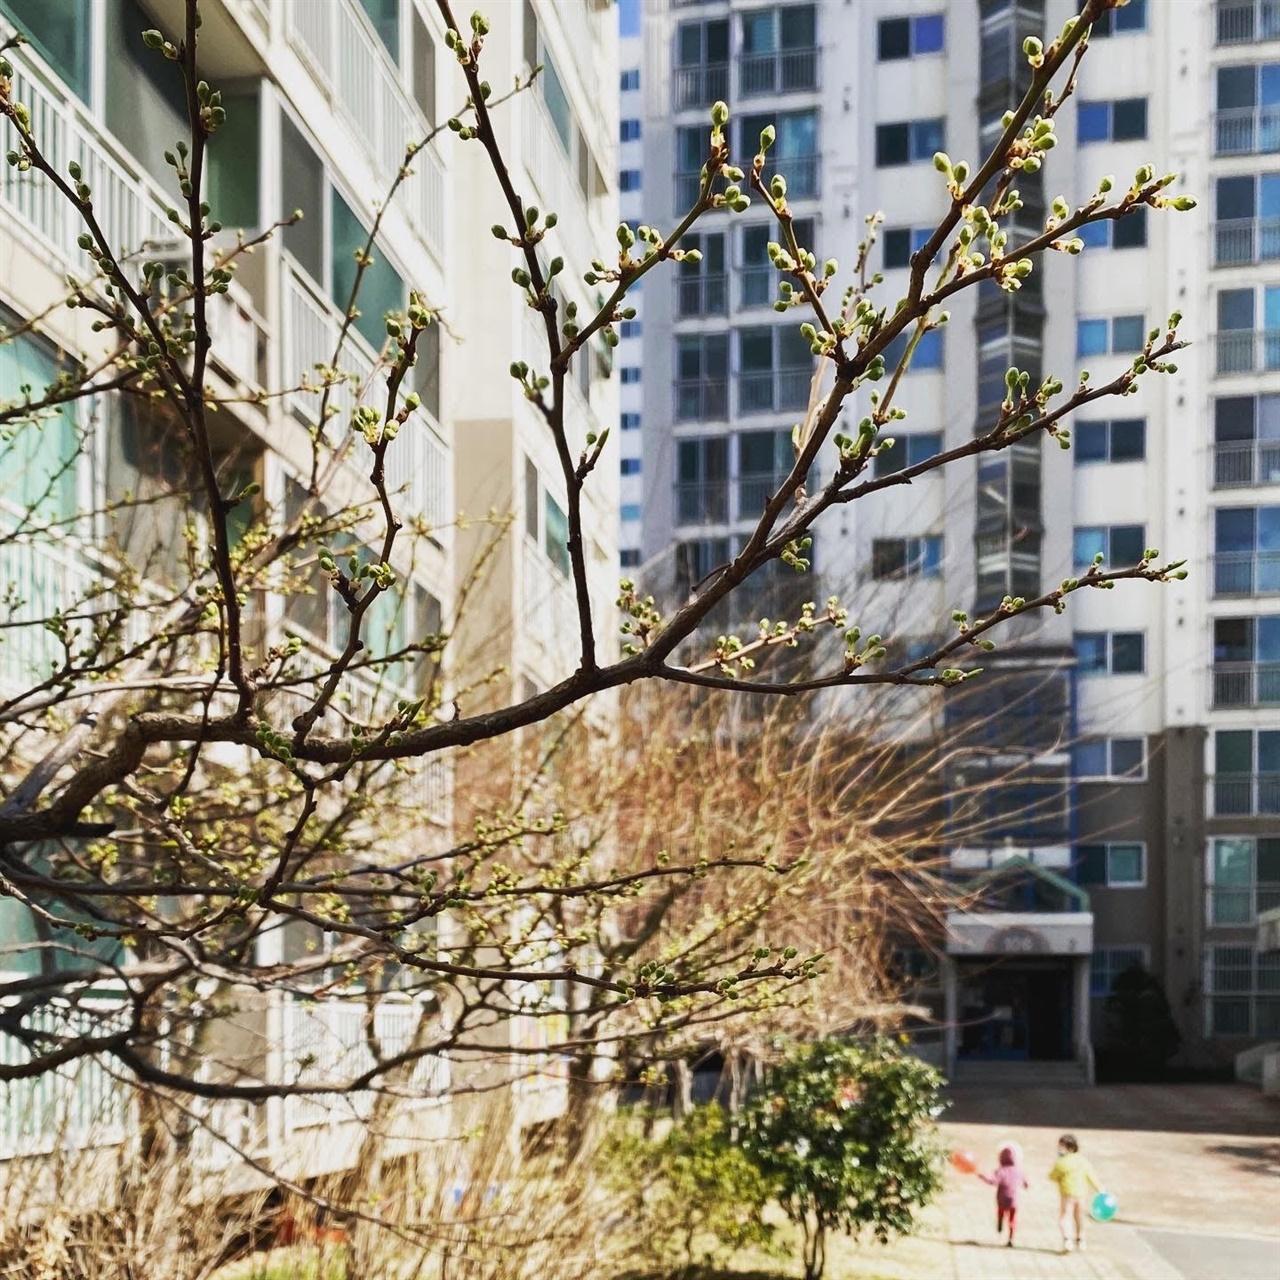 놀이터로 뛰어가는 아이들 뒤로 나무들은 성실하게 봄을 준비한다.